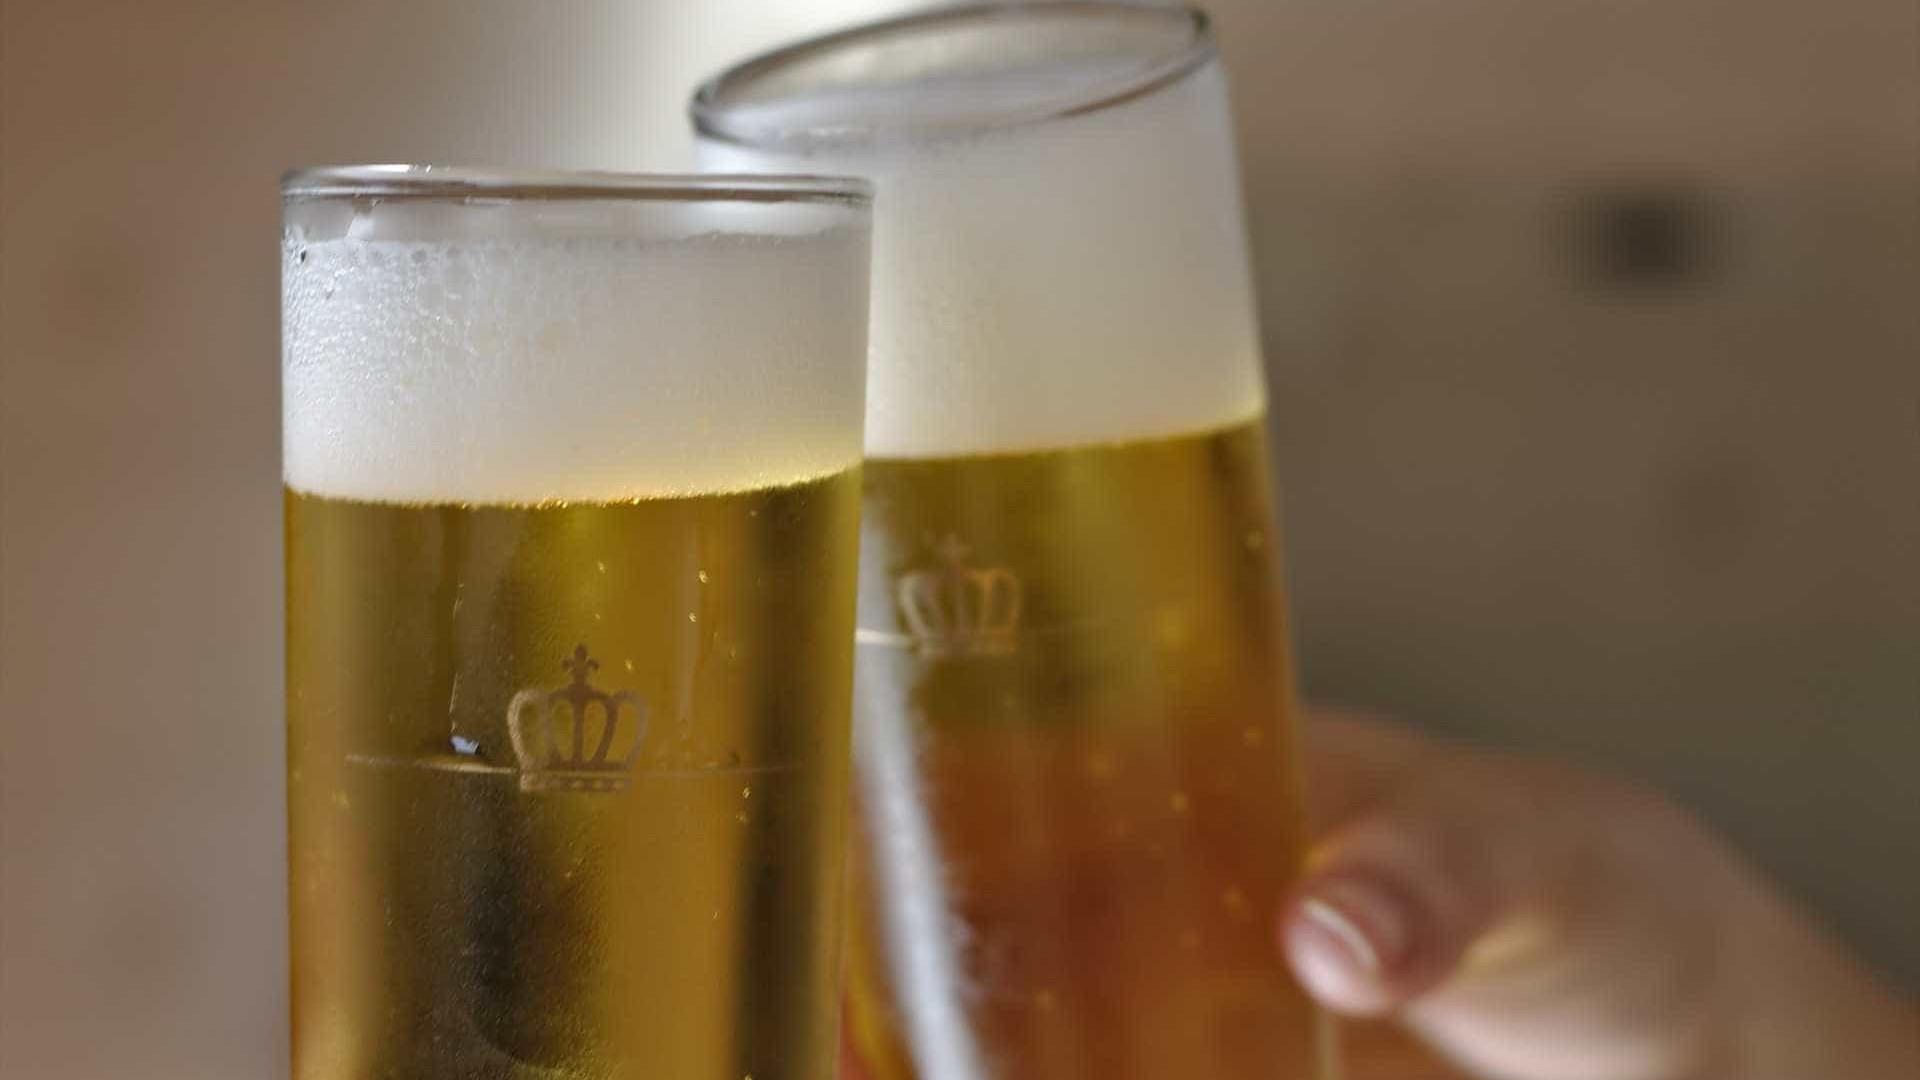 Determinado recolhimento de todos os produtos da cervejaria Backer